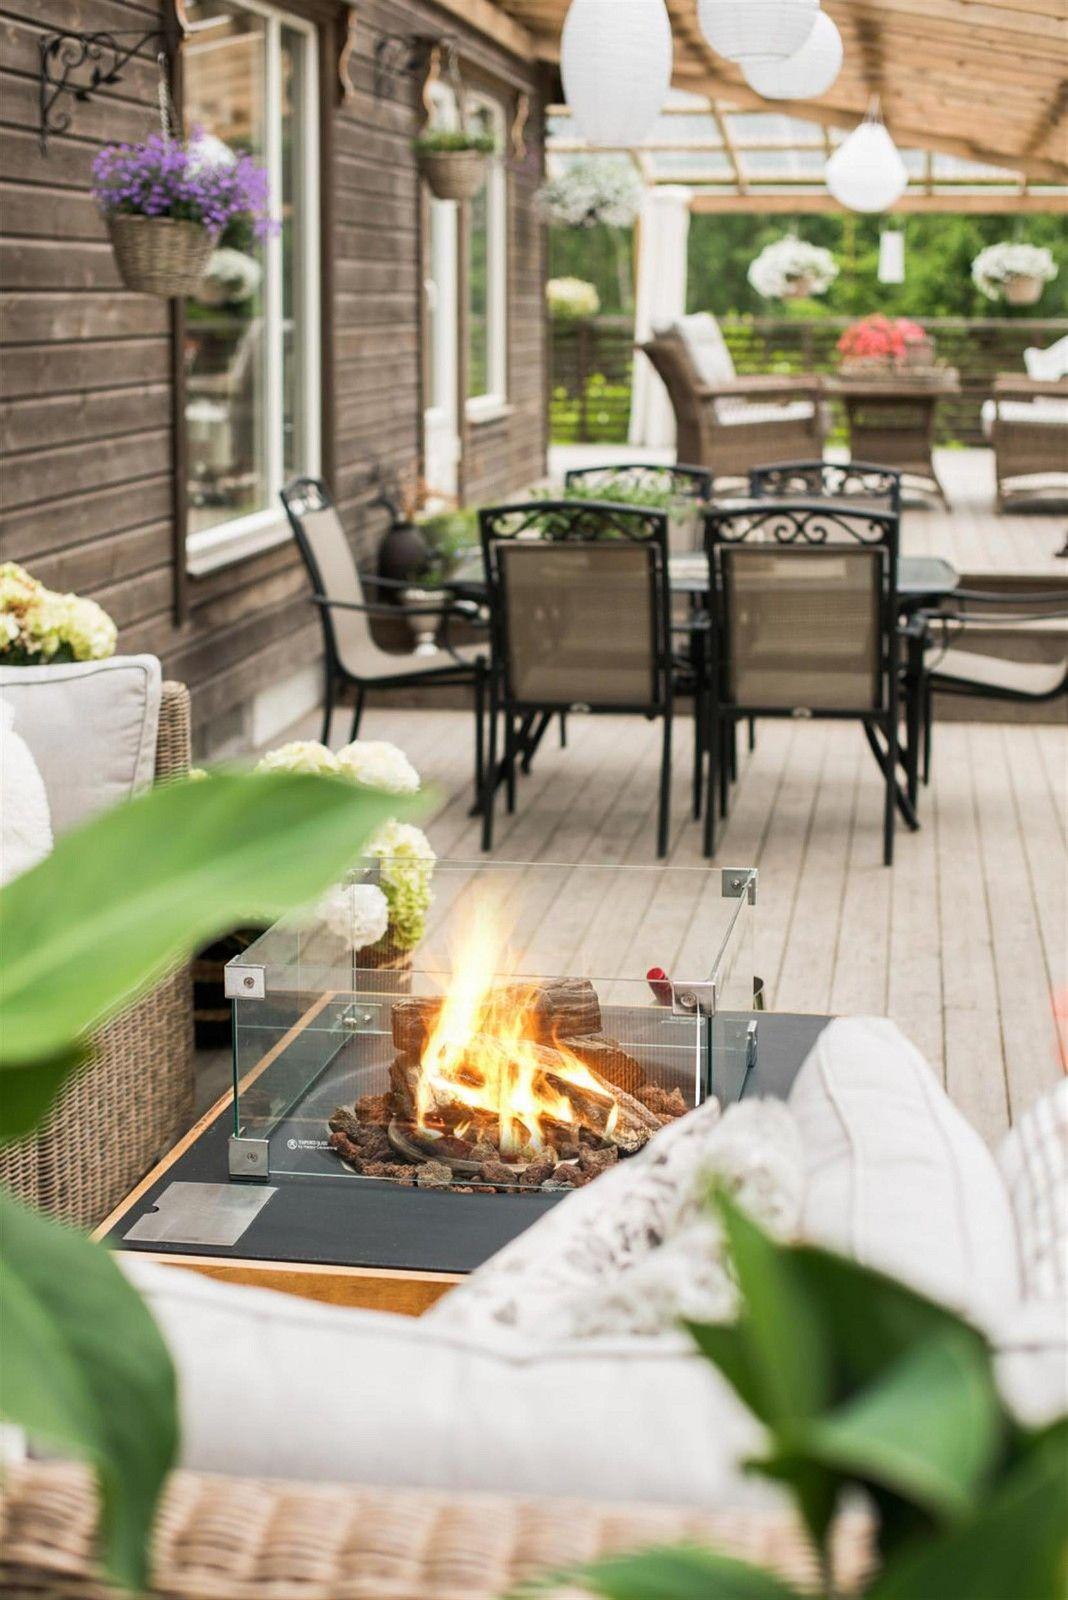 веранда садовая мебель деревянный настил биокамин